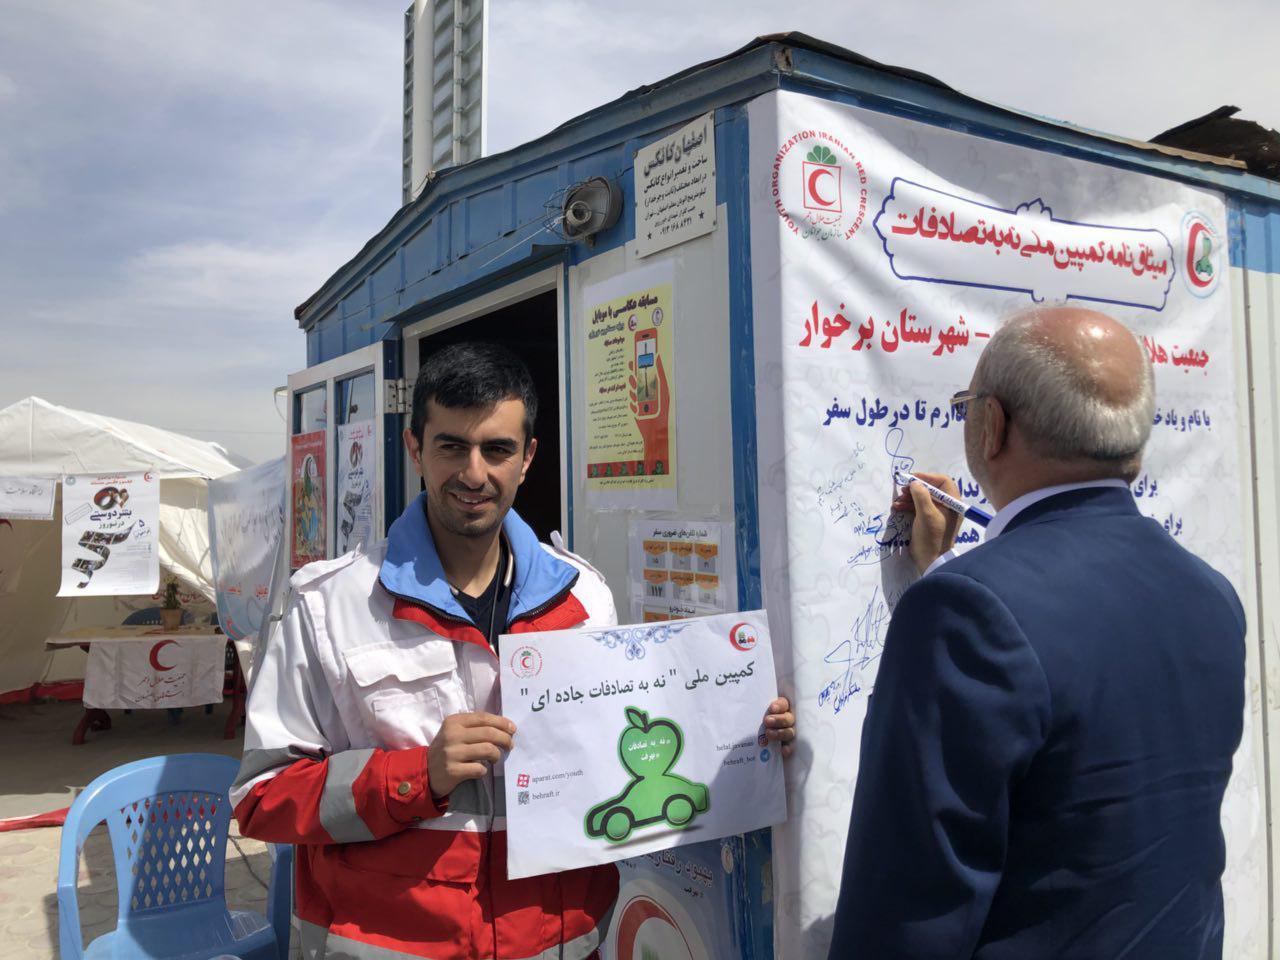 🔴حسینعلی حاجی؛ در پایگاه امداد و نجات جاده ای هلال احمر خورزوق، میثاق نامه کمپین ملی نه به تصادفات جاده ای را امضا کرد.